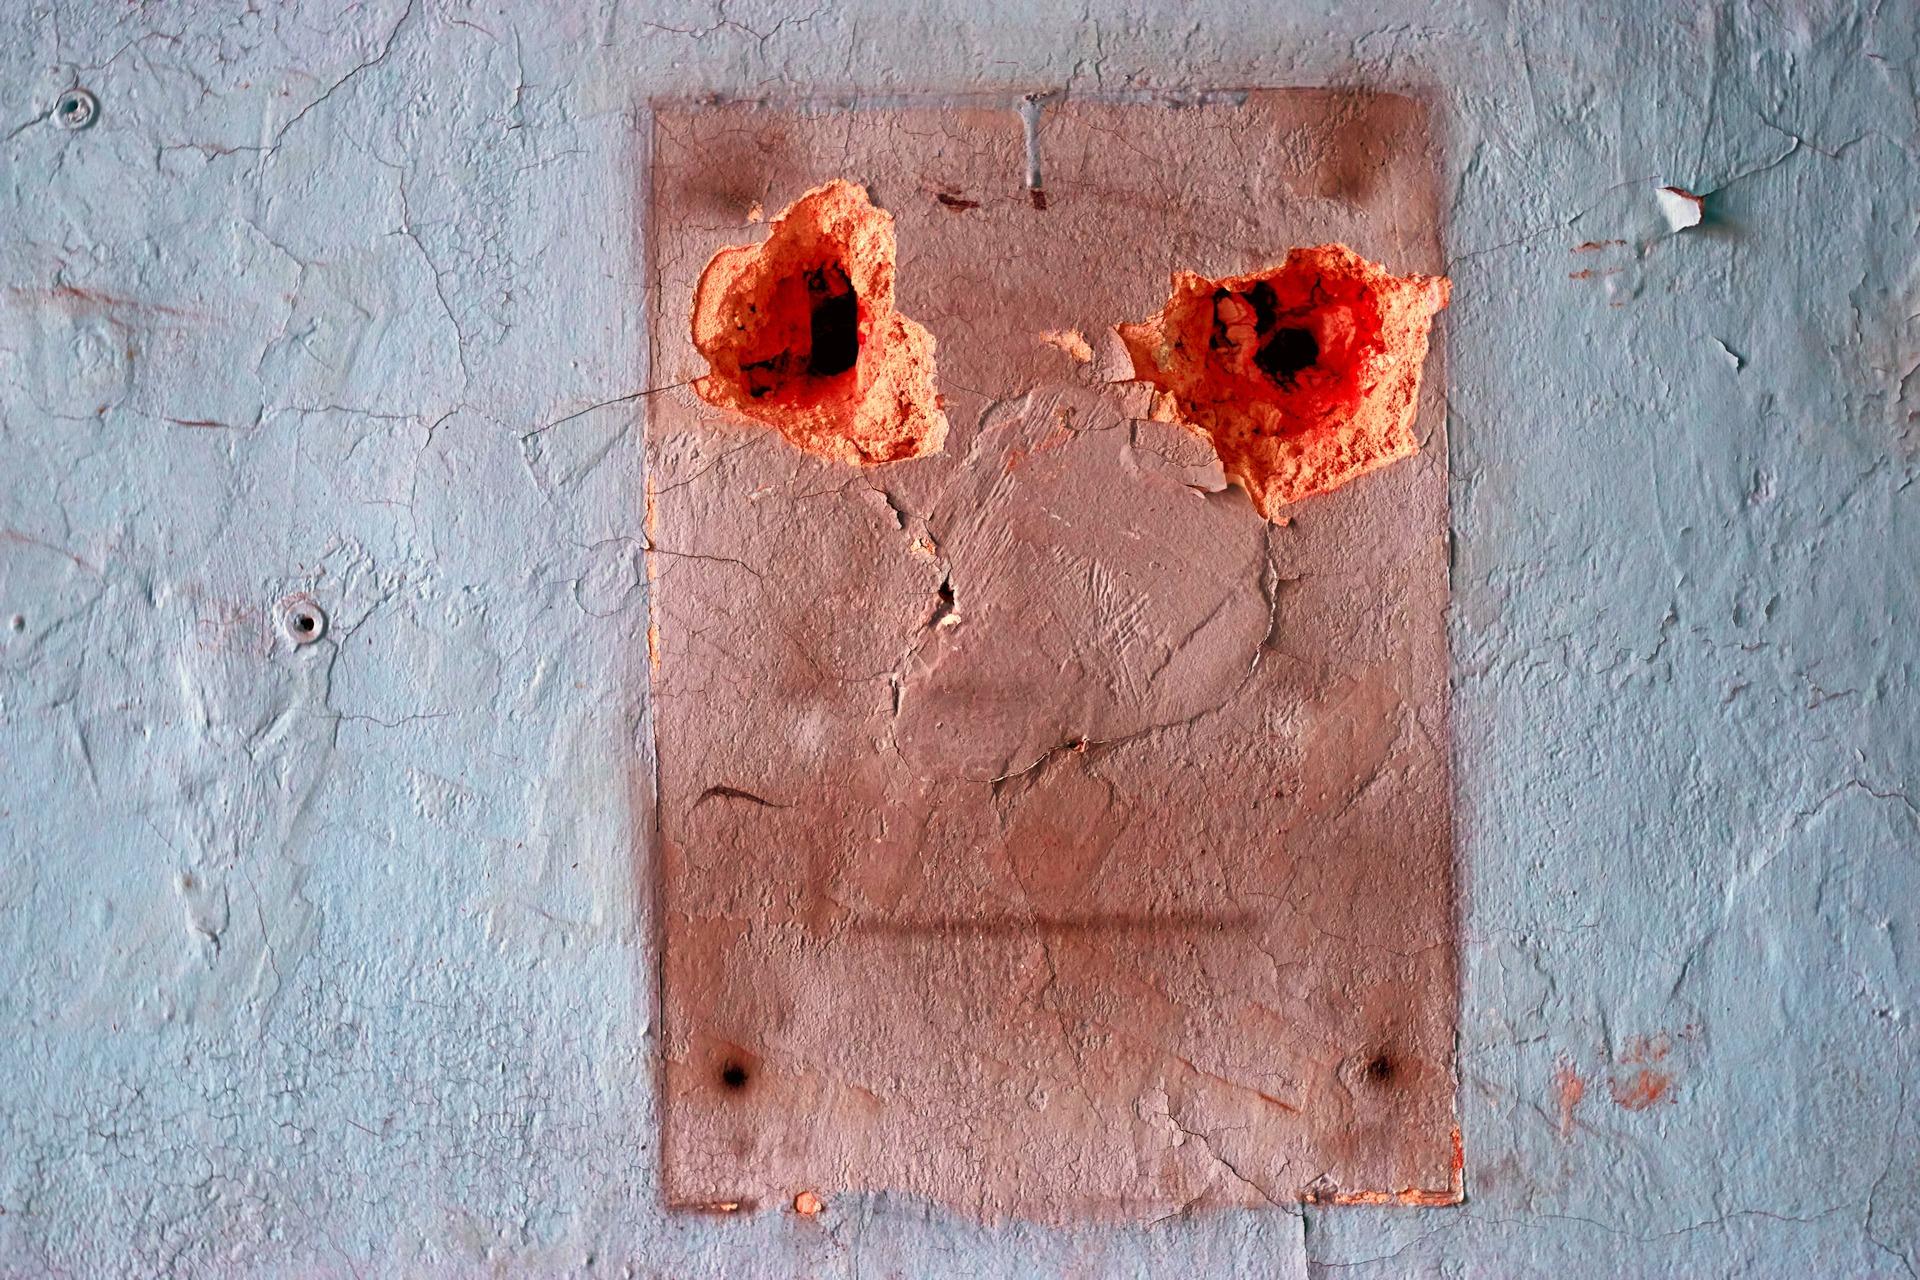 Wandgesicht auf einer Baustelle